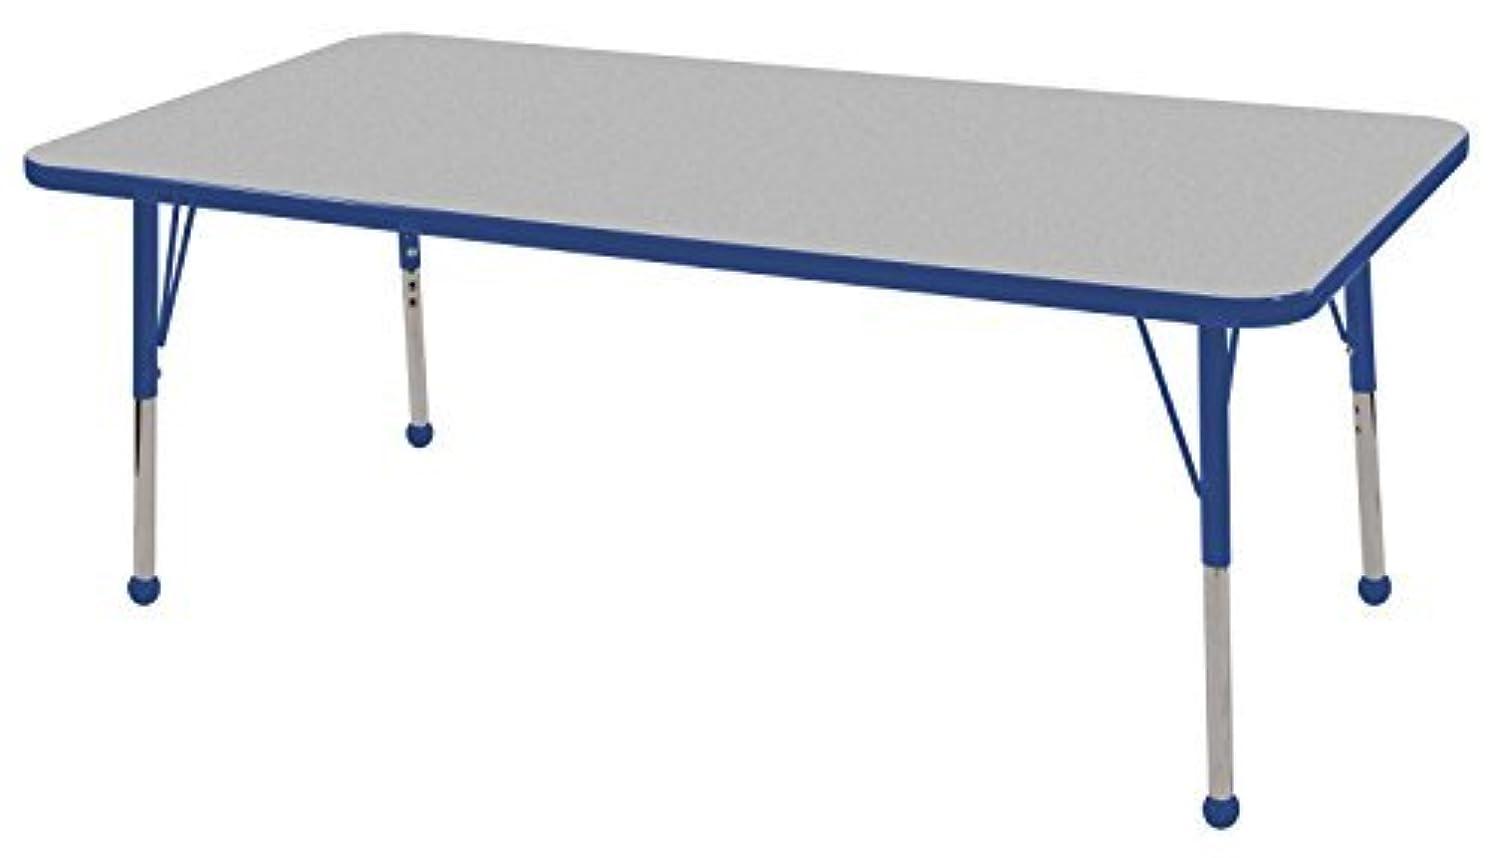 逆説払い戻し異議ECR4Kids 24 x 60 Rectangular Activity Table Gray Top/Blue Edge Standard Legs/Ball Glides Four 16 Blue School Stack Chairs [並行輸入品]